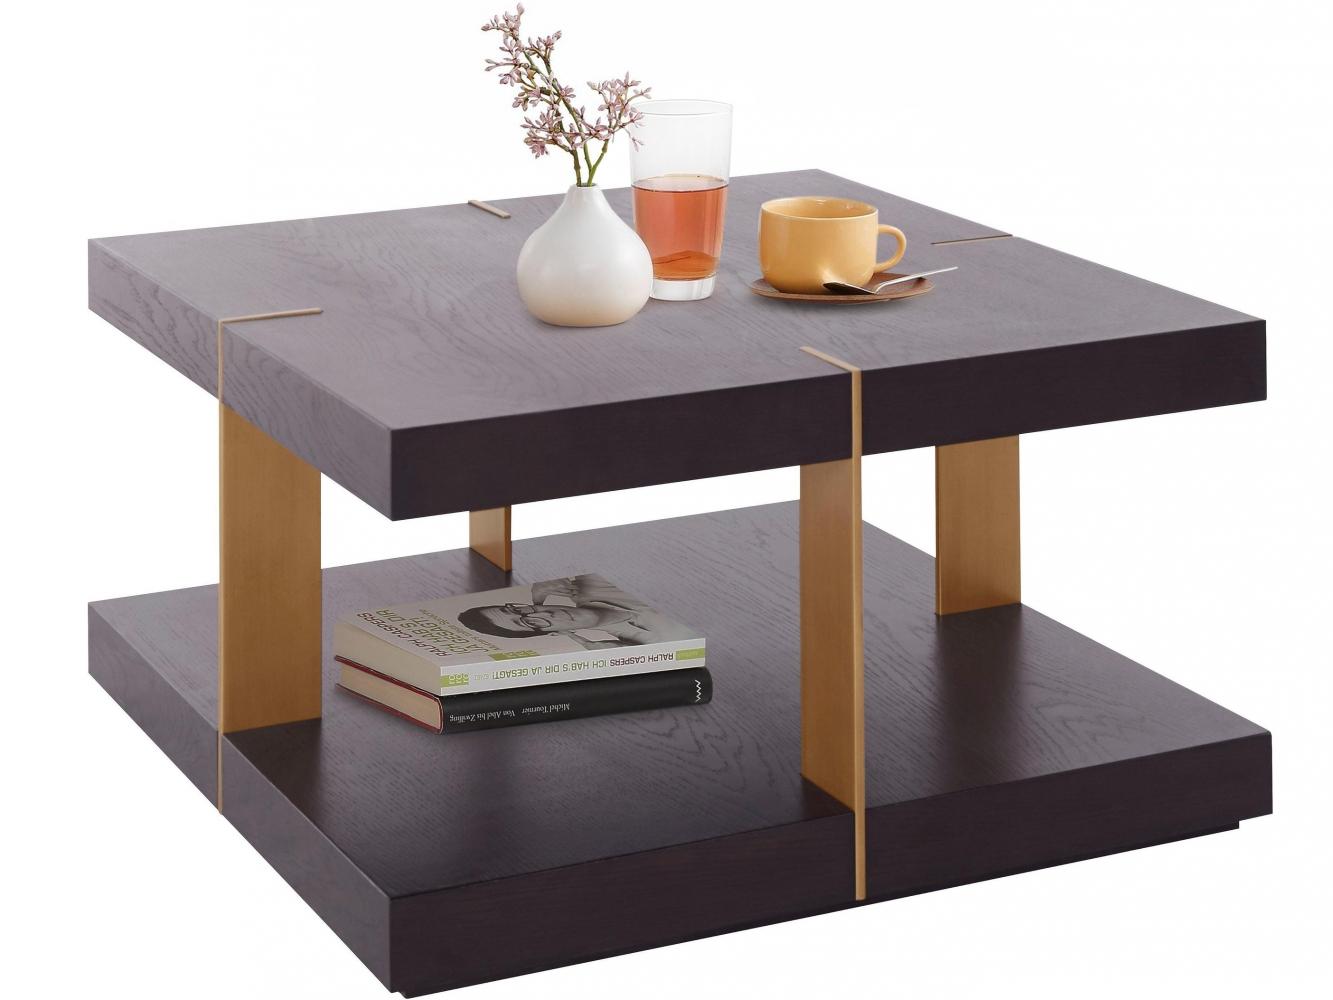 Konferenční stolek Veranzo, 50 cm, hnědá